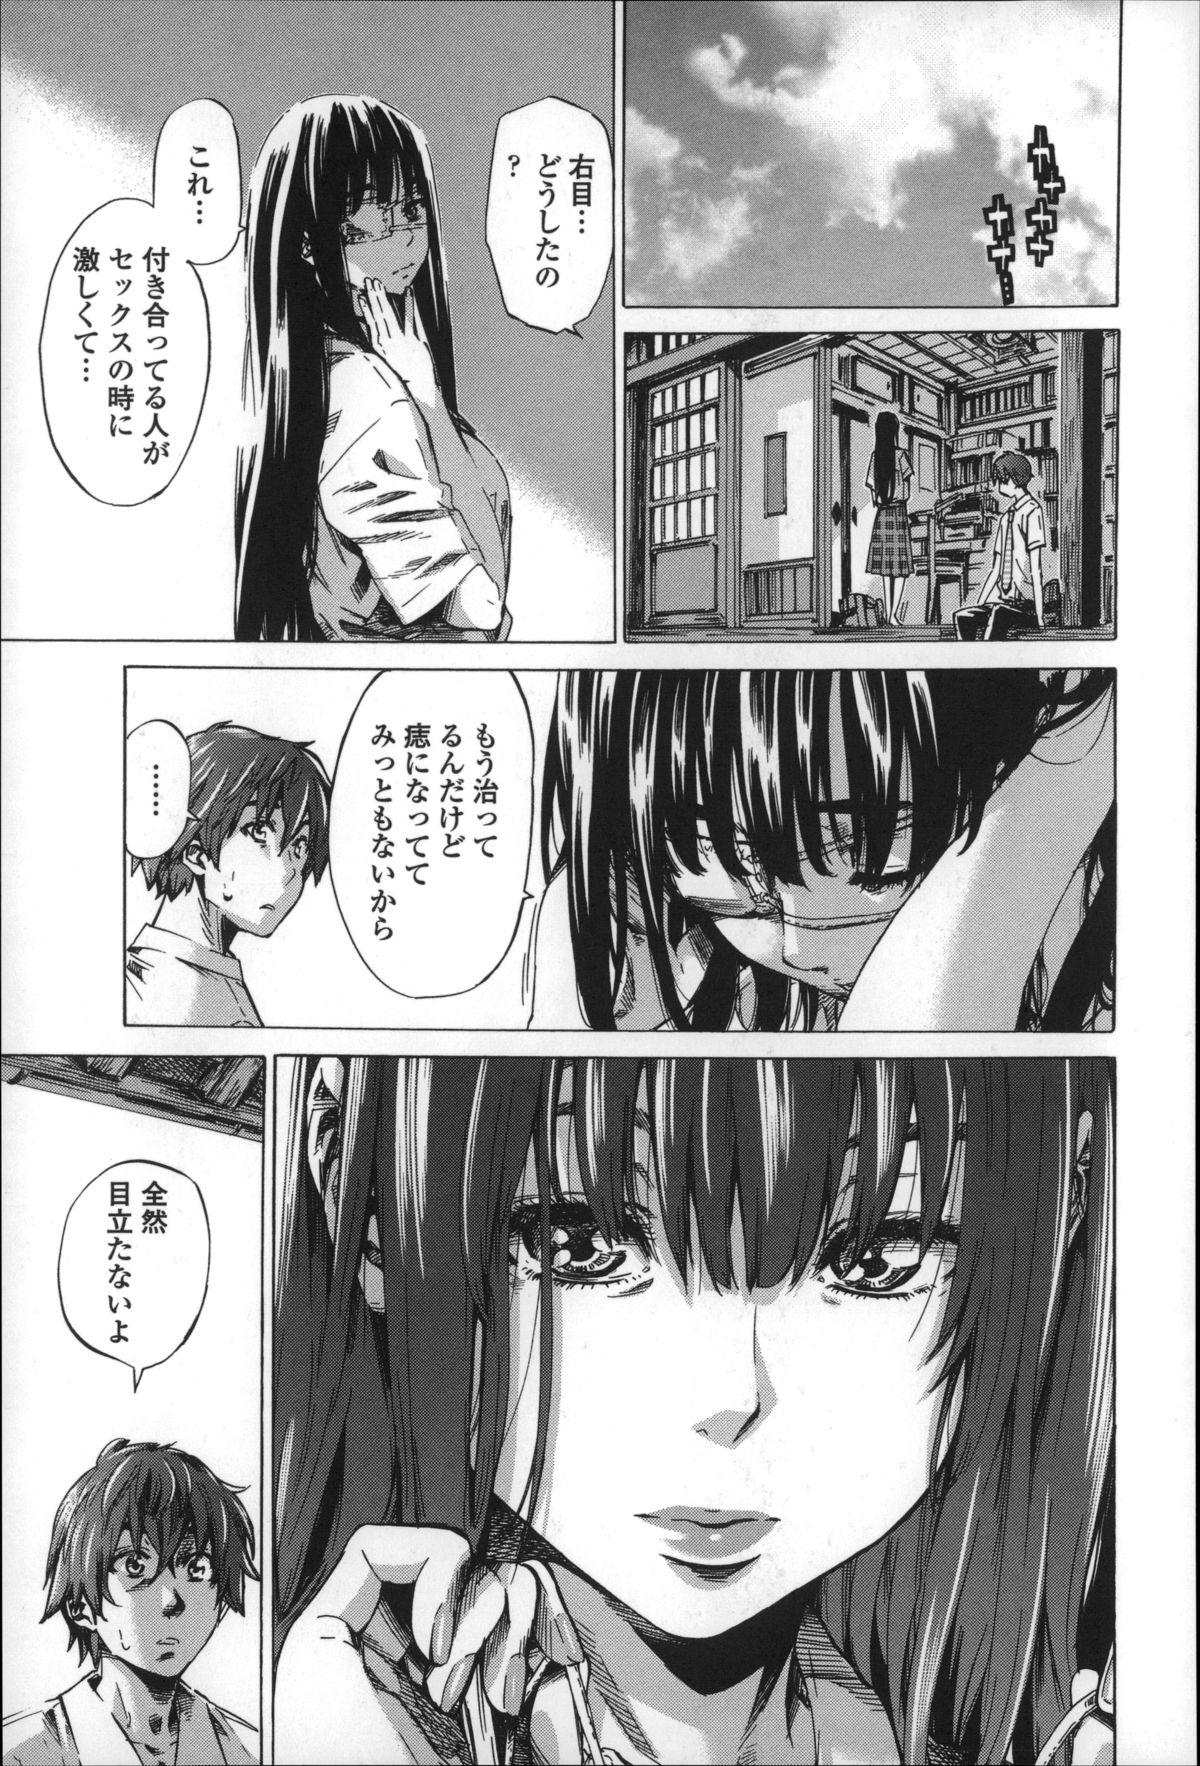 Choushin de Mukuchi no Kanojo ga Hatsujou Shite Kitara Eroiyo ne? 118